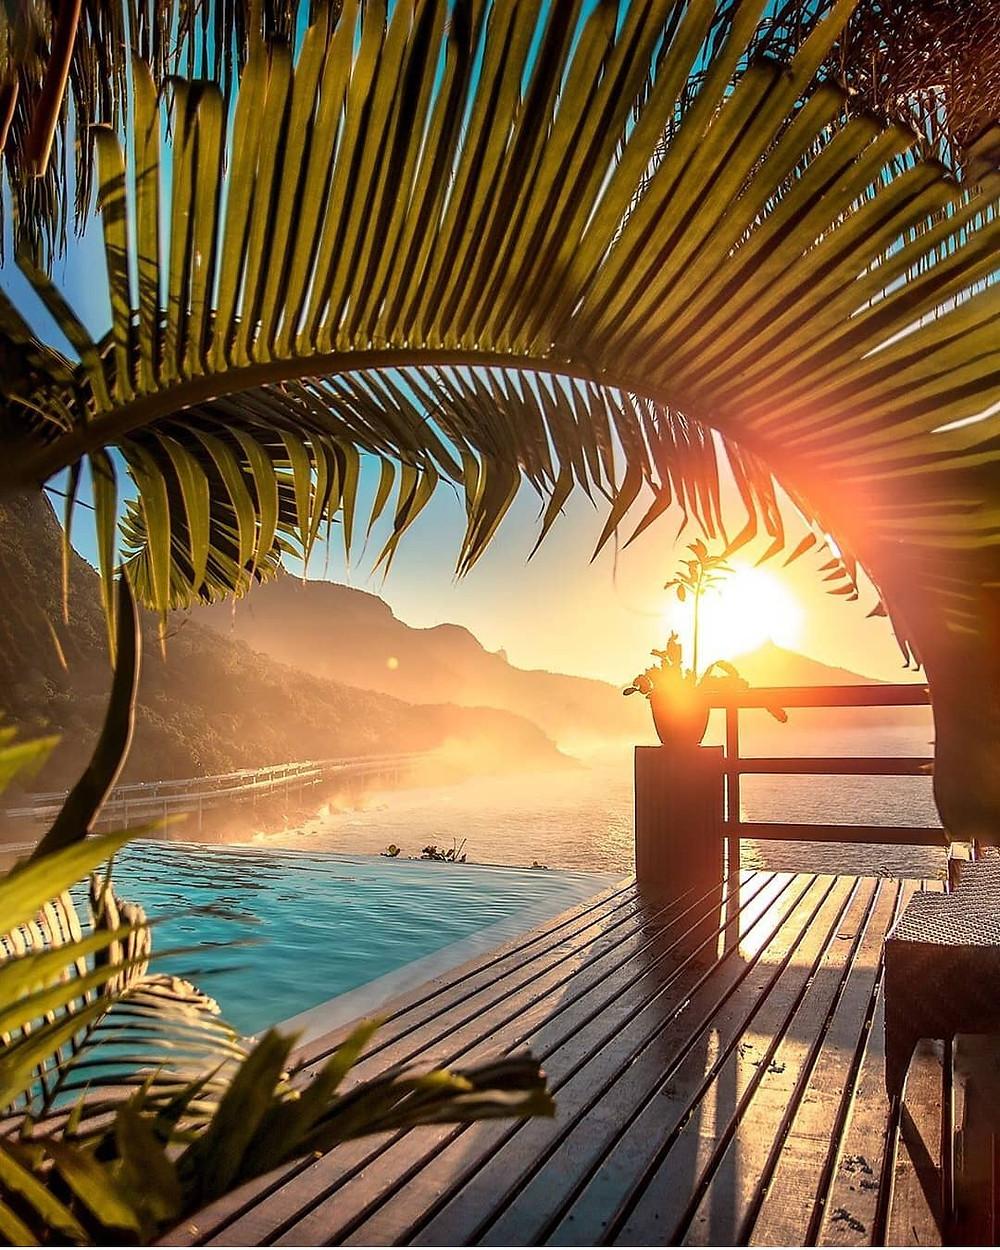 vol + hôtel pas cher à Rio de Janeiro au Brésil .. Merci P2S Trvel